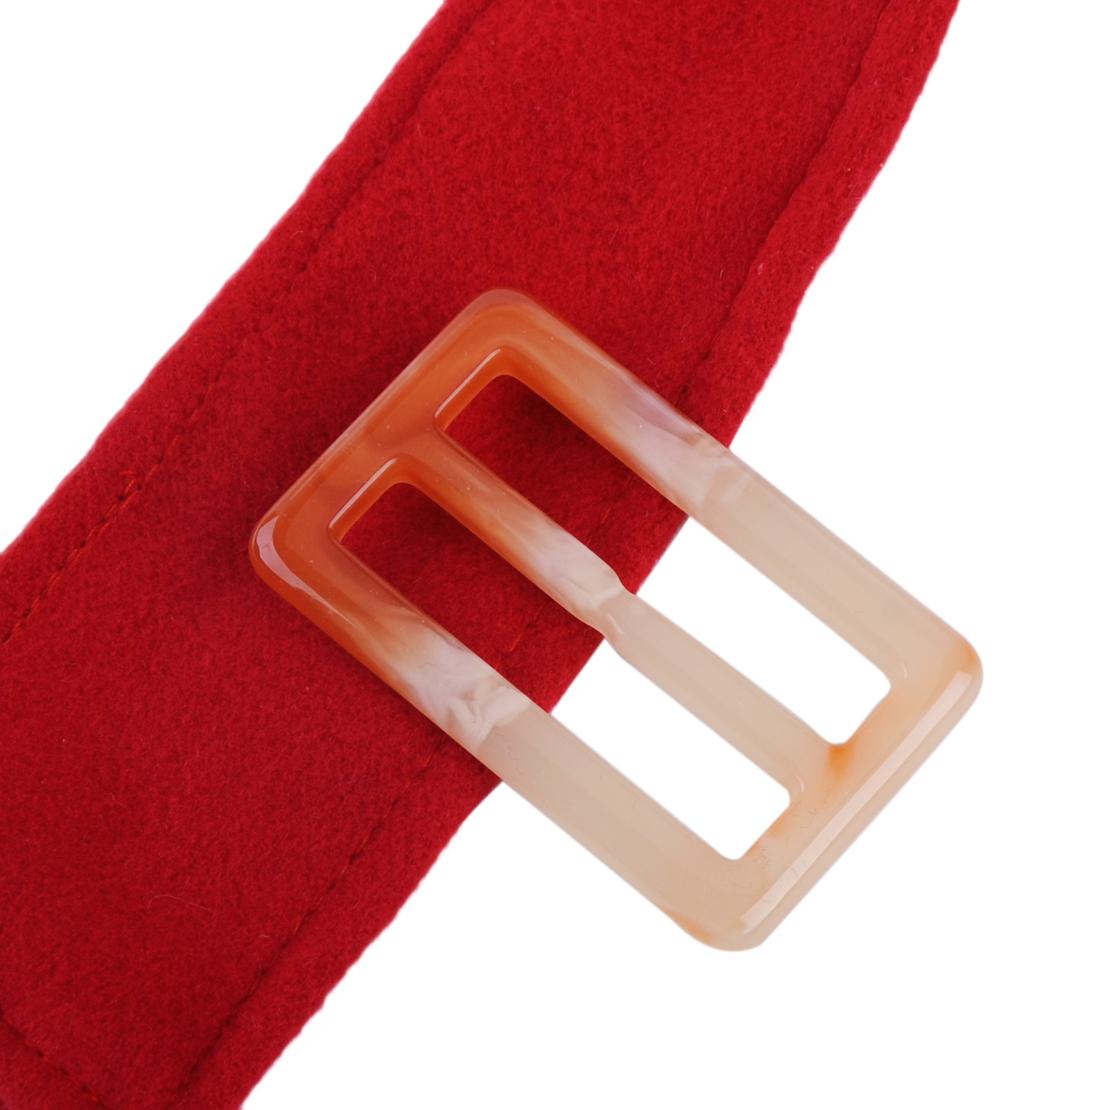 Trenchcoat Gürtel Wolle Mantel Jacke Sweatshirt Aus Unisex Schärpe Krawatte